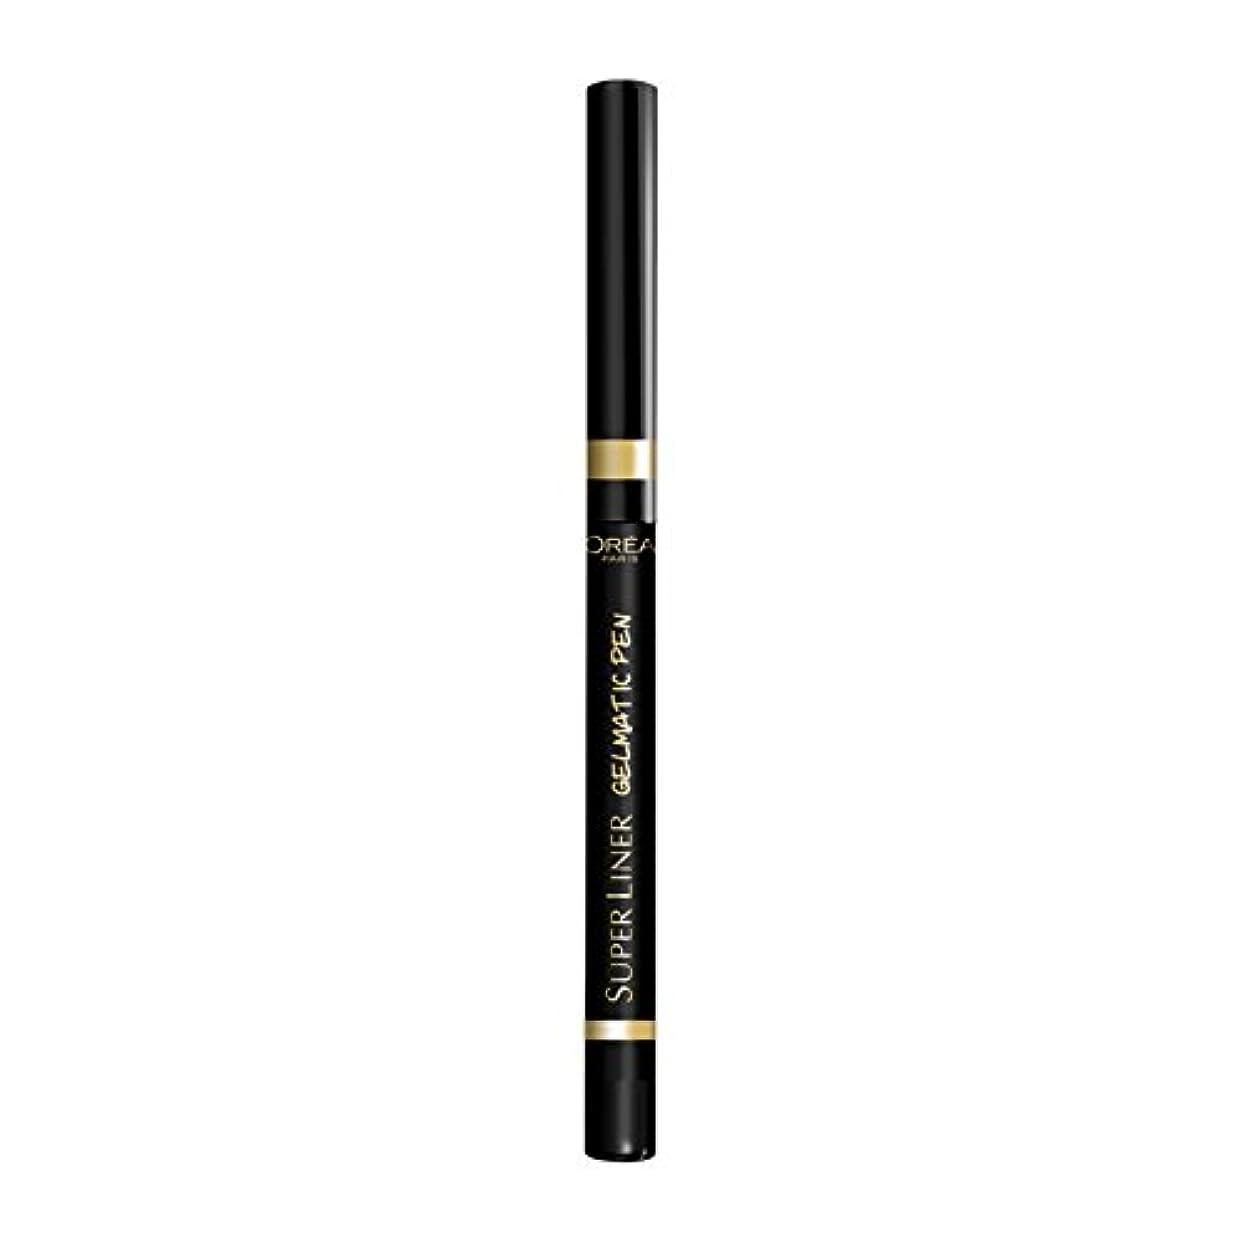 ロレアル パリ アイライナー スーパーライナー ジェルマティックペン 01 ブラックアイコニック ウォータープルーフ